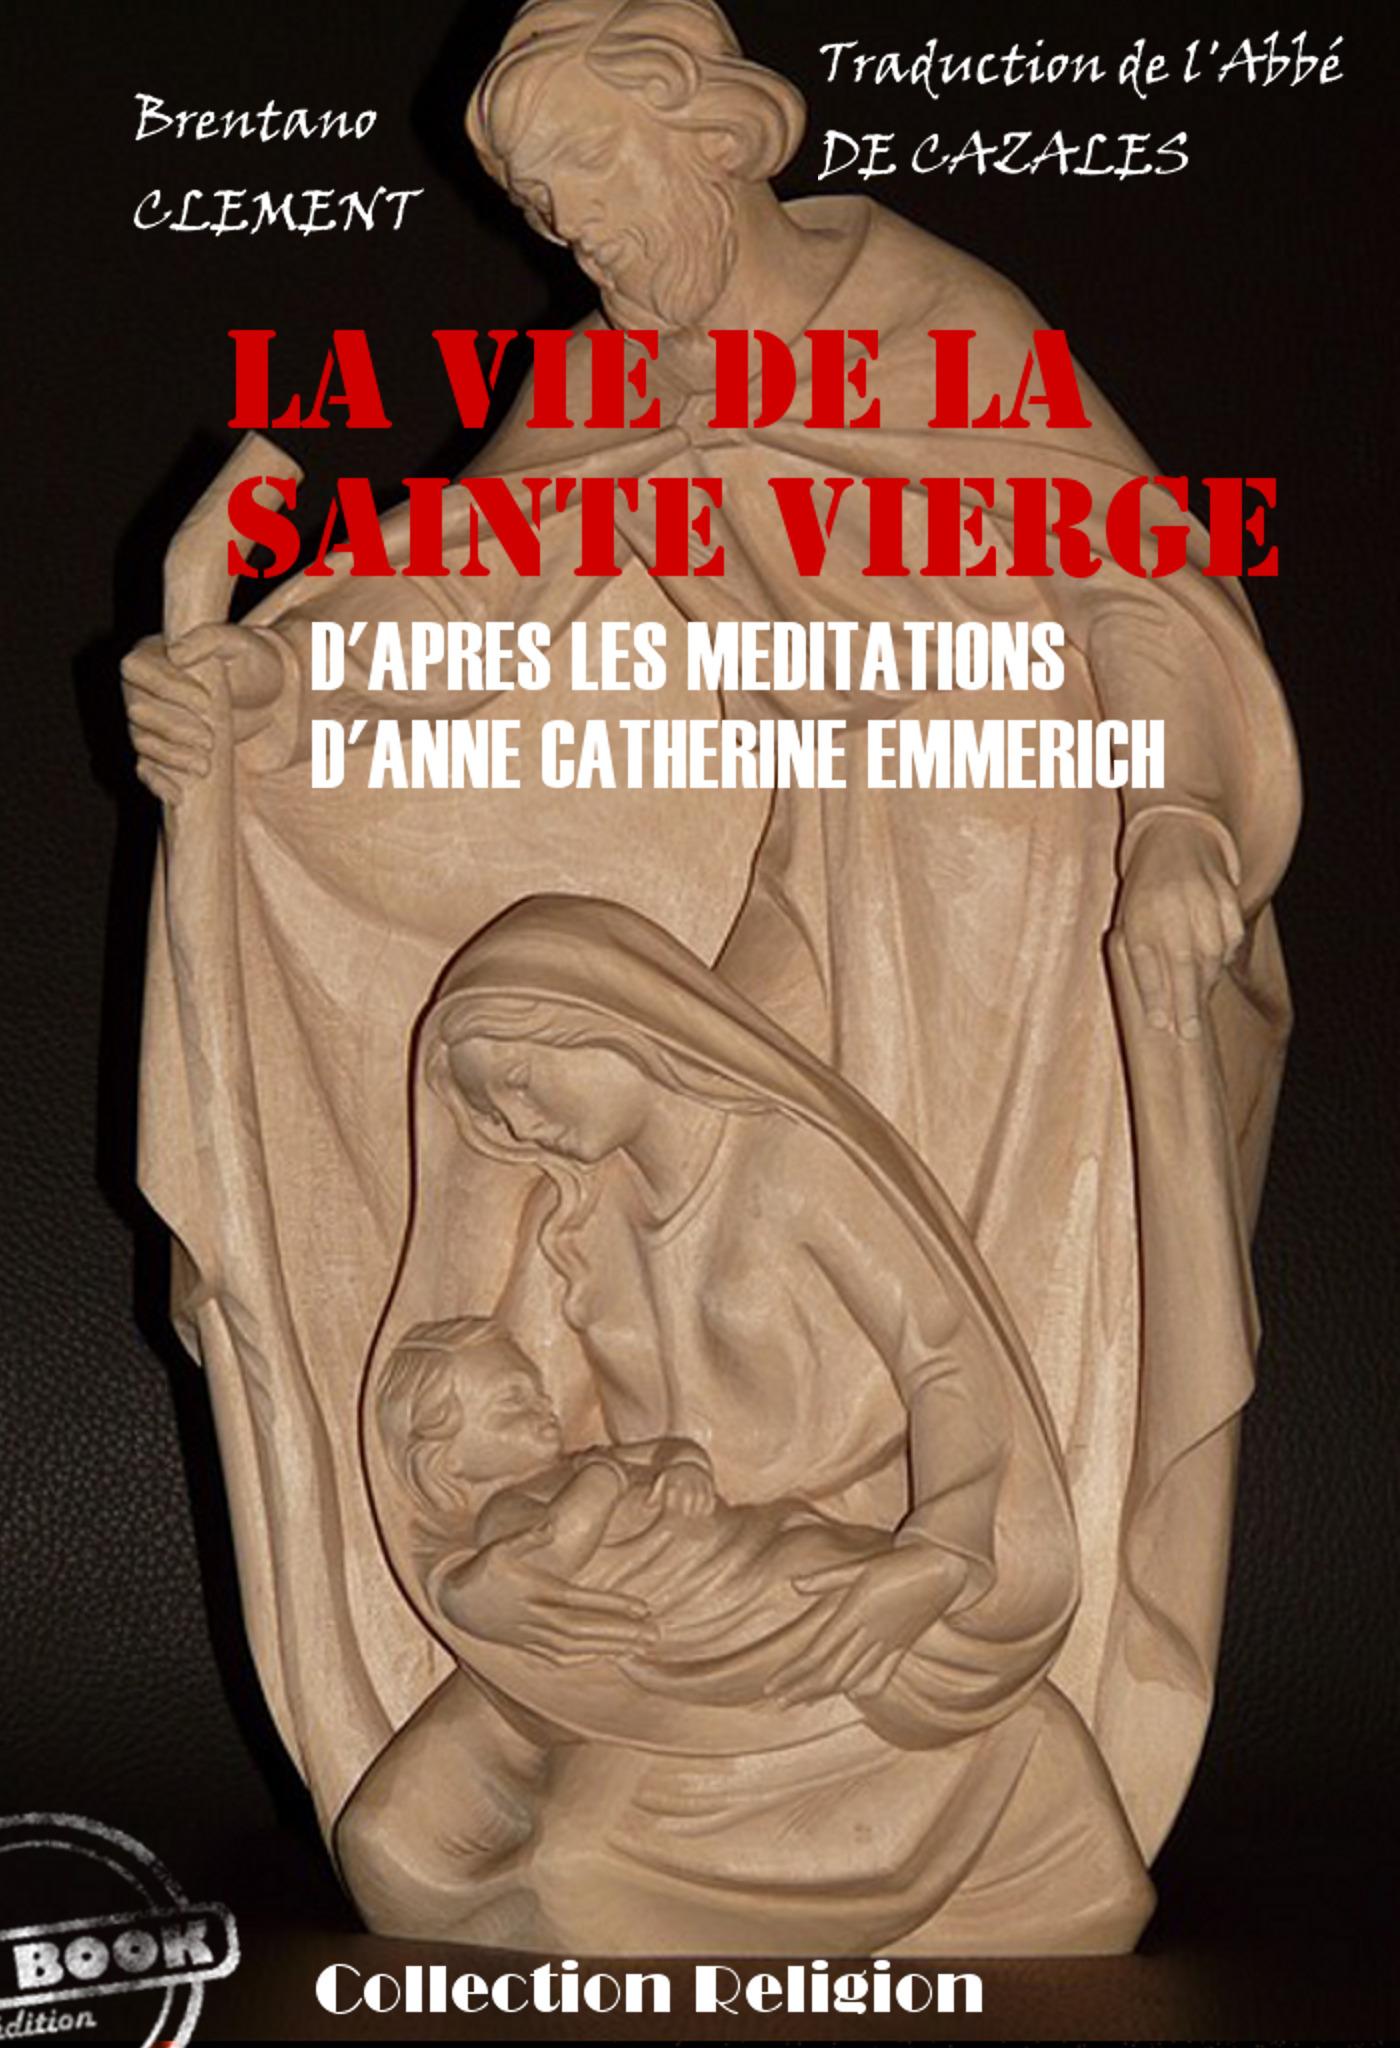 La vie de la Sainte Vierge  - Anne-Catherine Emmerich  - Clément Brentano